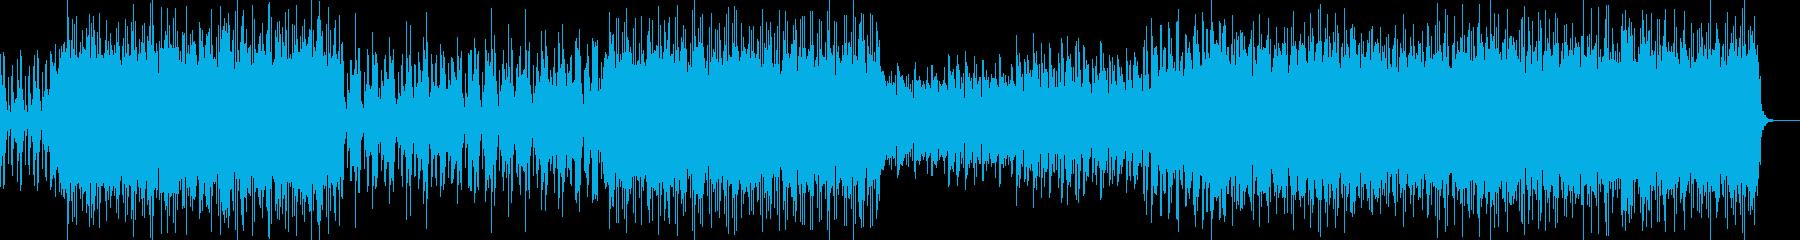 エキゾチックで情熱的なシタール風の曲の再生済みの波形